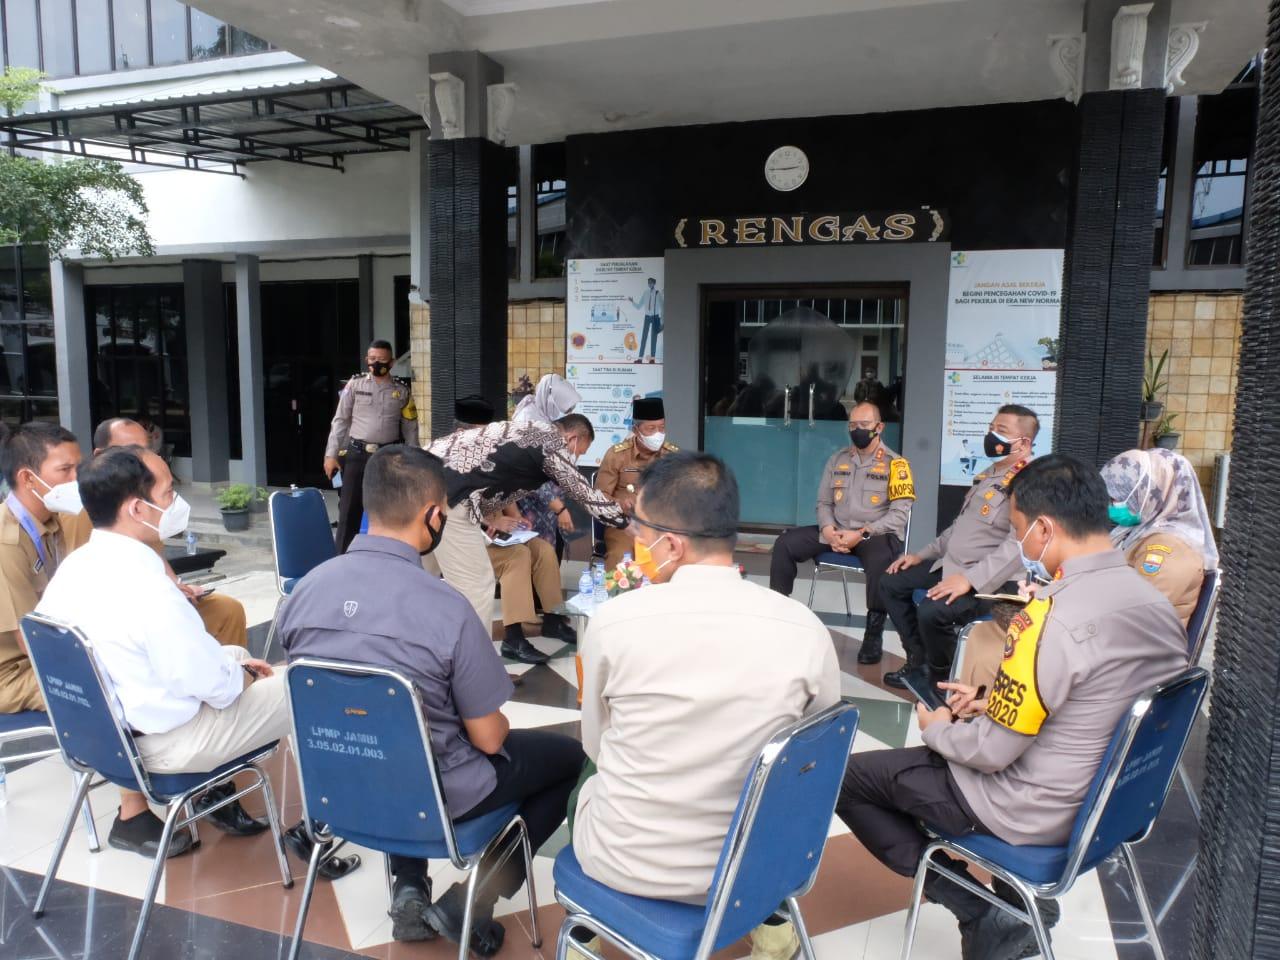 Polda Jambi saat melakukan mediasi terhadap keluhan masyarakat di Kantor Camat Telanaipura, Kota Jambi.